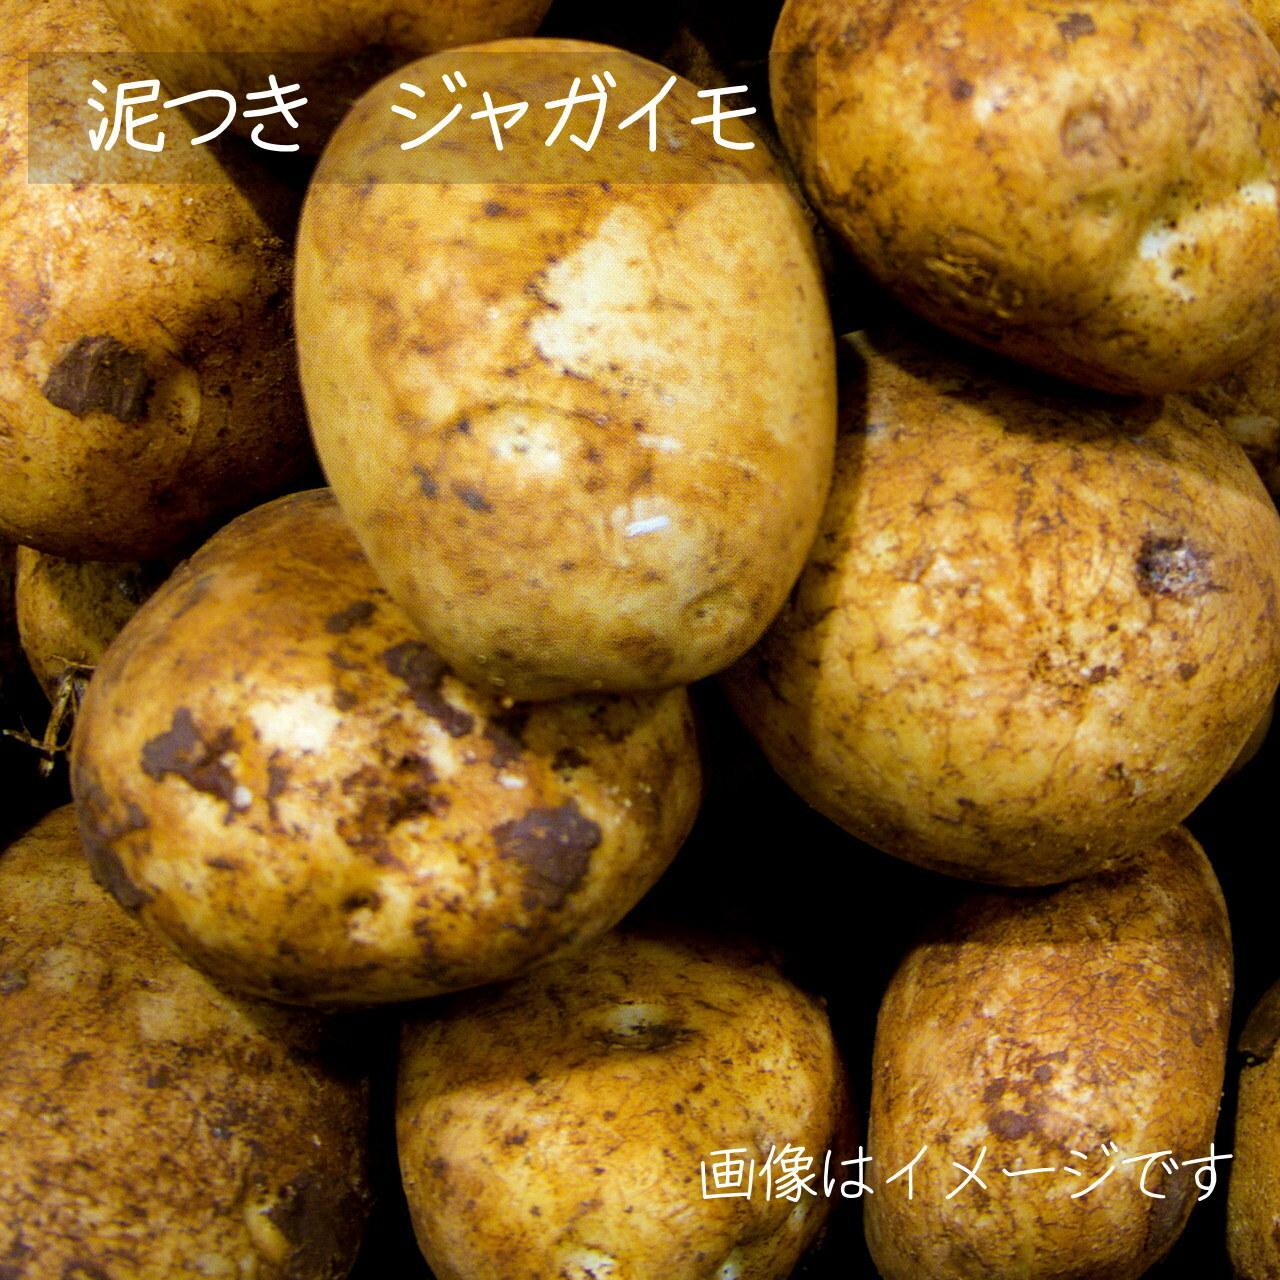 10月の朝採り直売野菜 : ジャガイモ 約600g 新鮮な秋野菜 10月31日発送予定